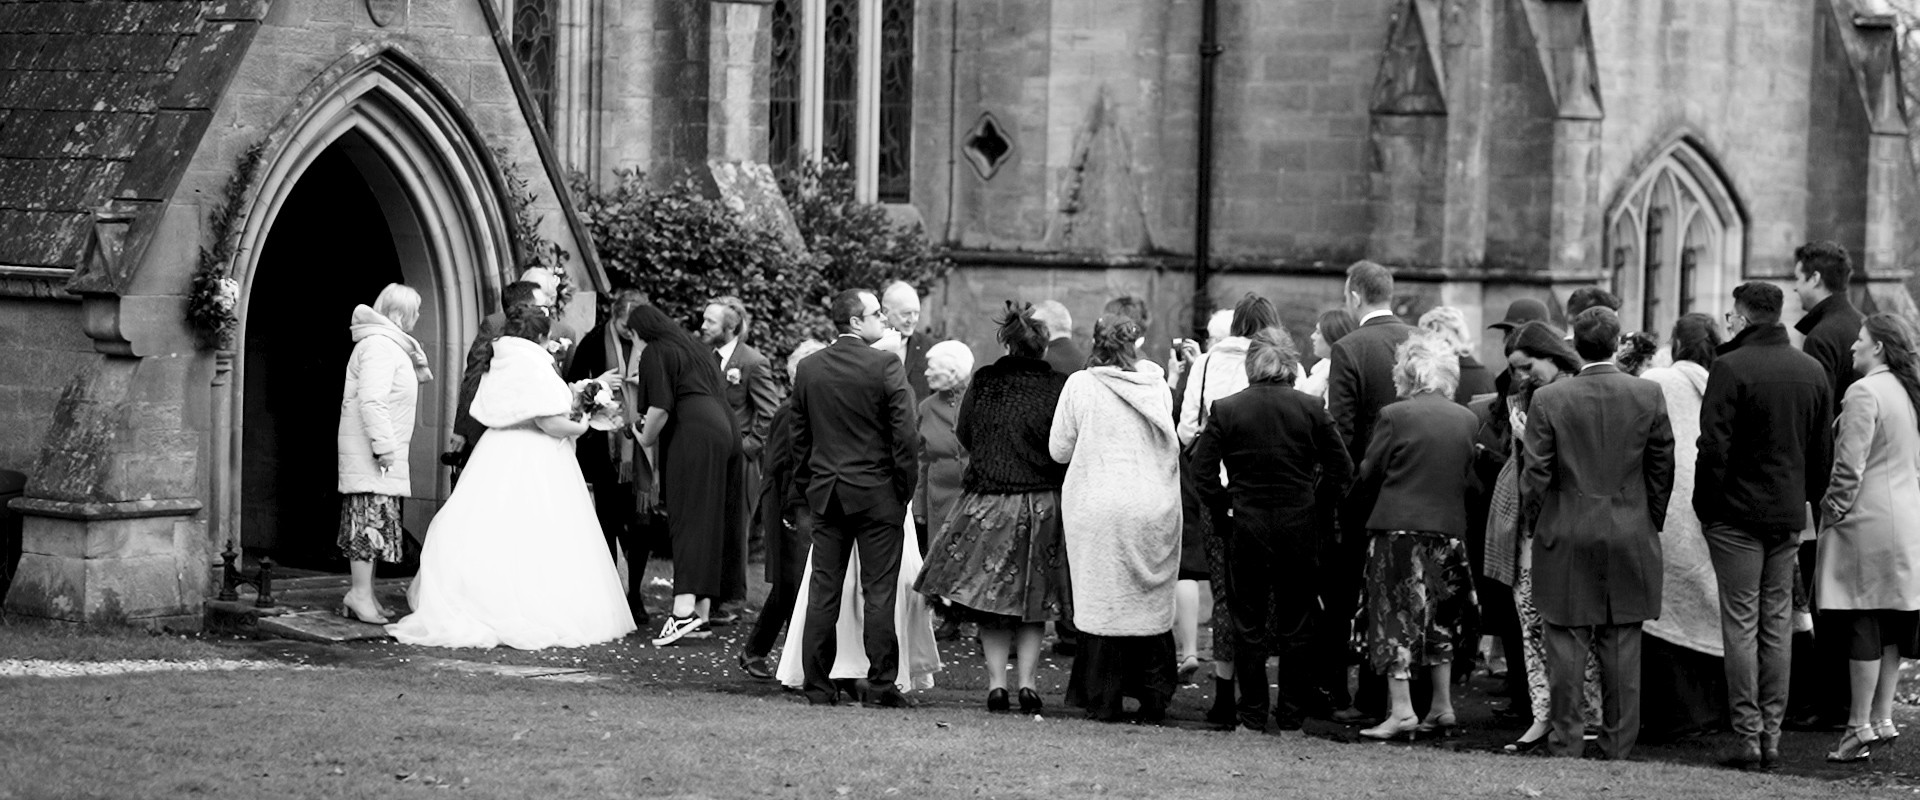 Wedding-ShortFilm-BW.00_05_08_16.Still04